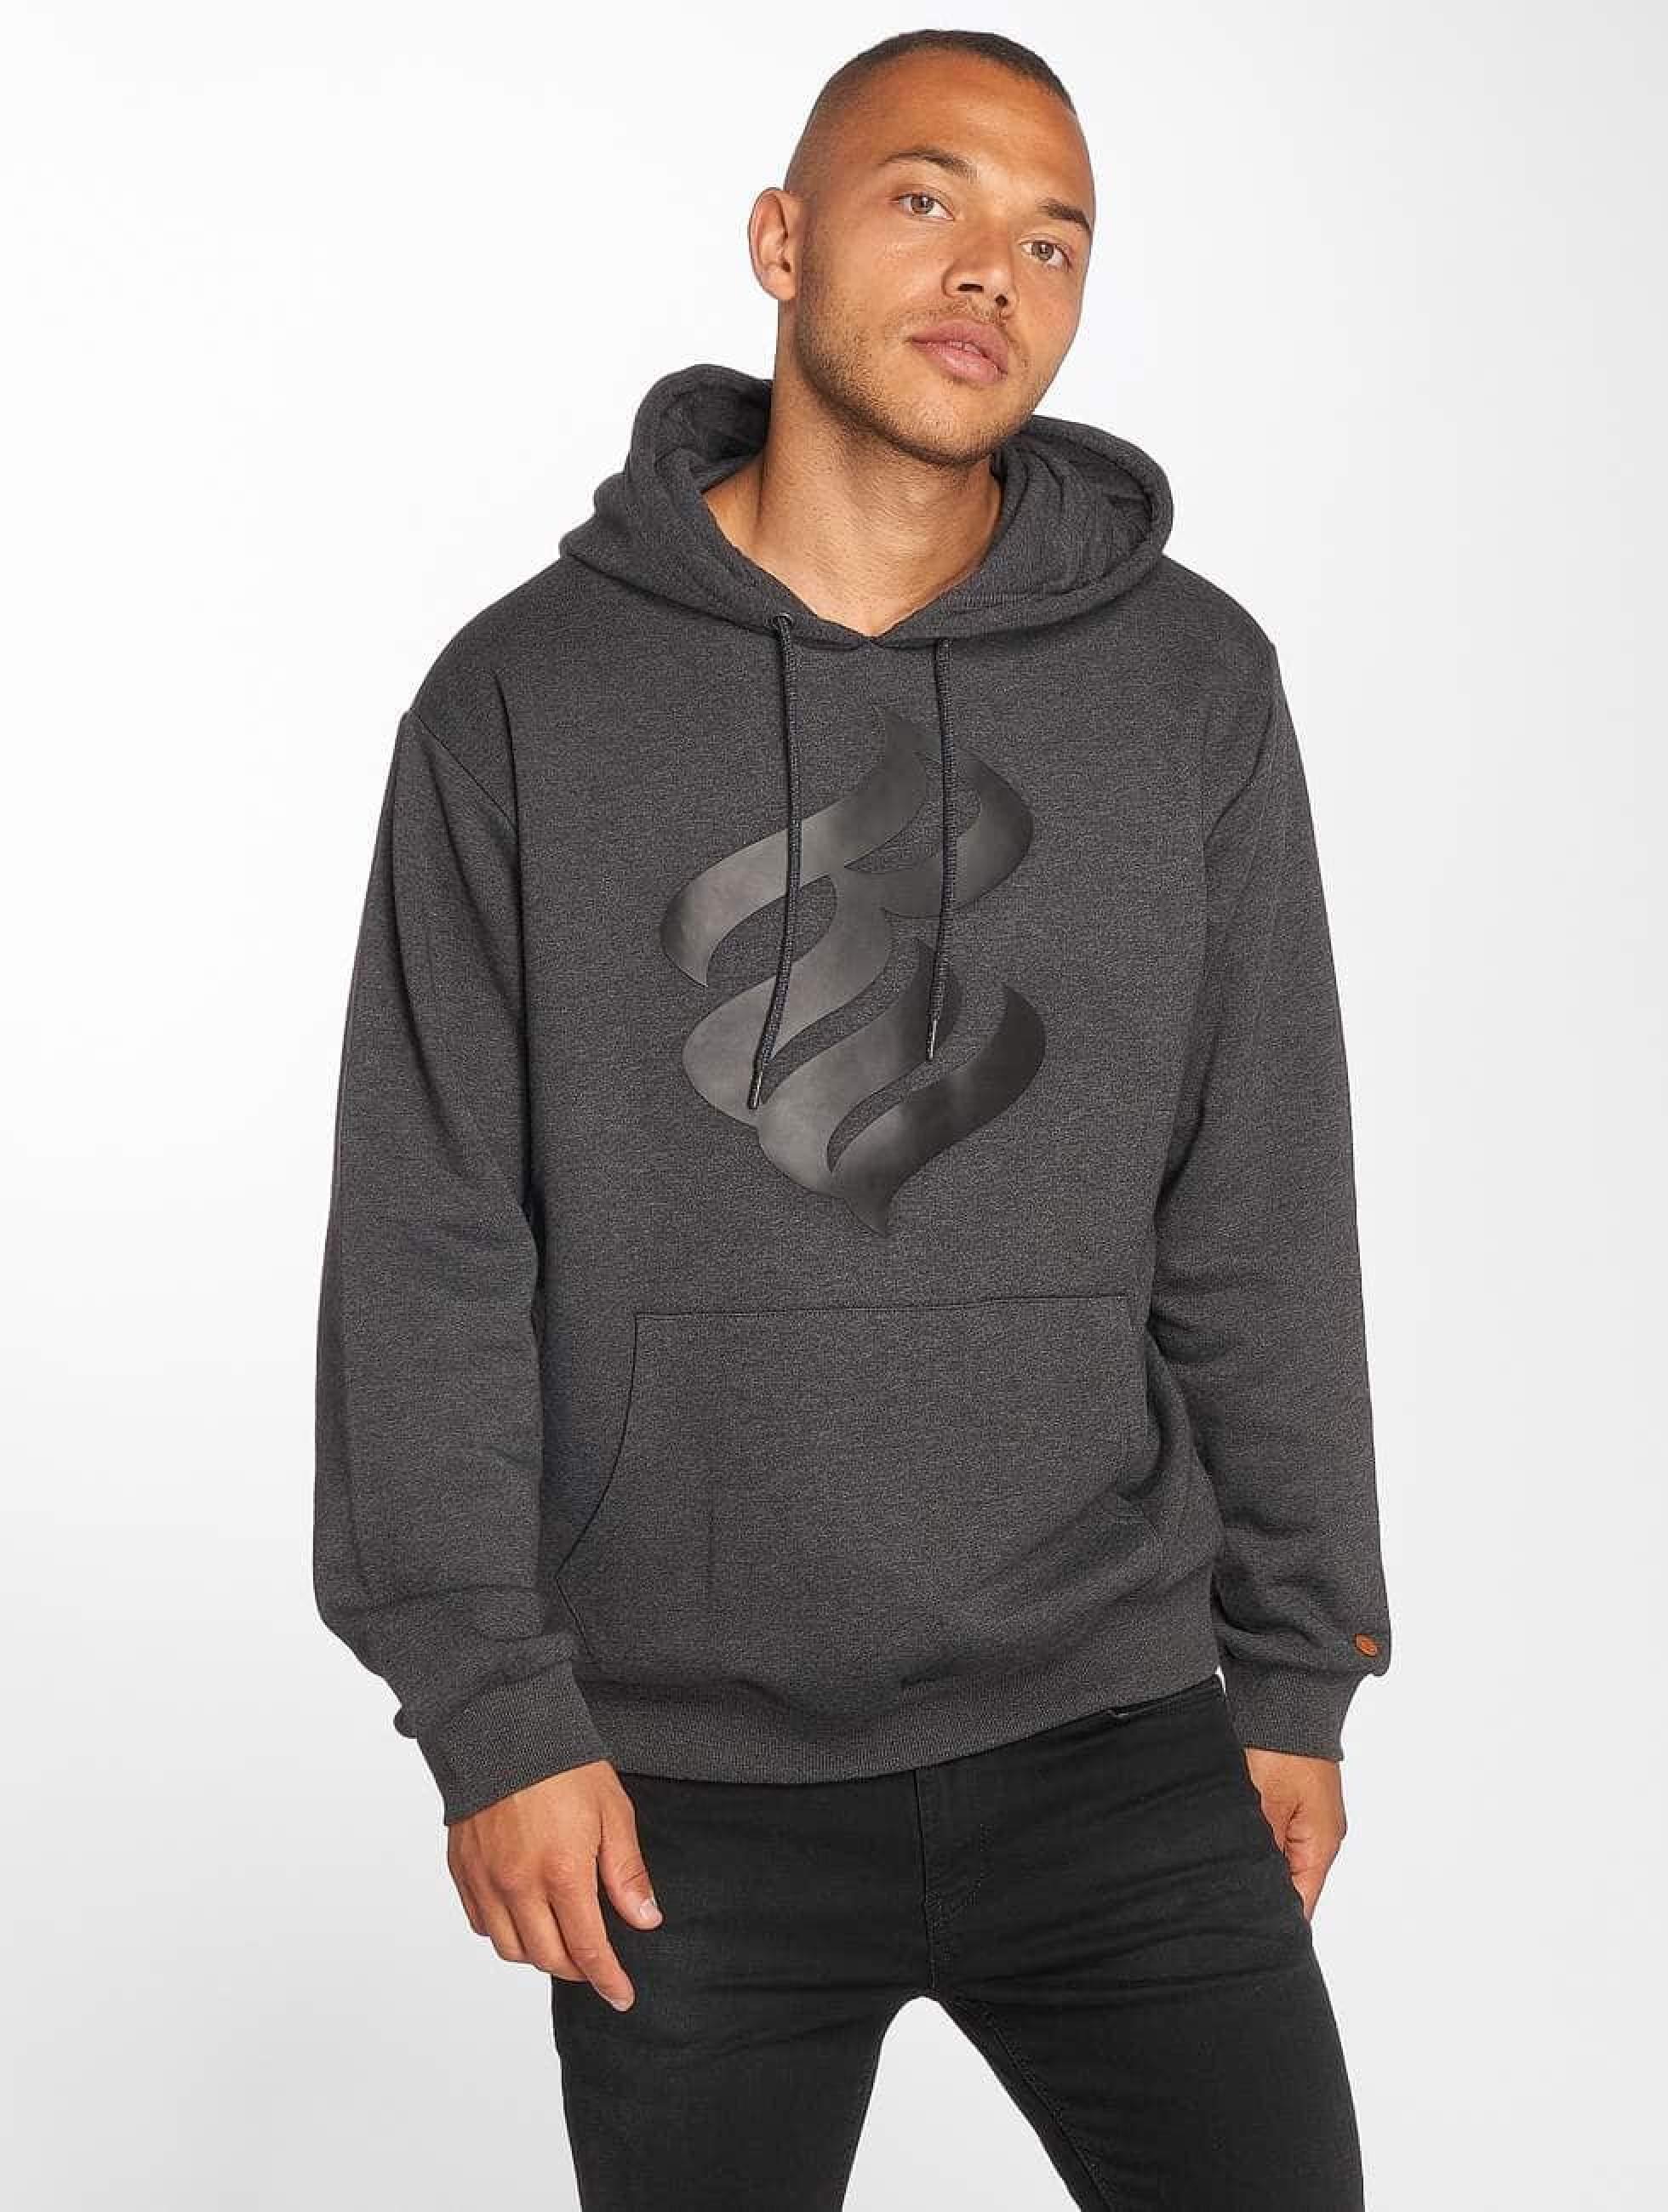 Rocawear / Hoodie Basic in grey 5XL